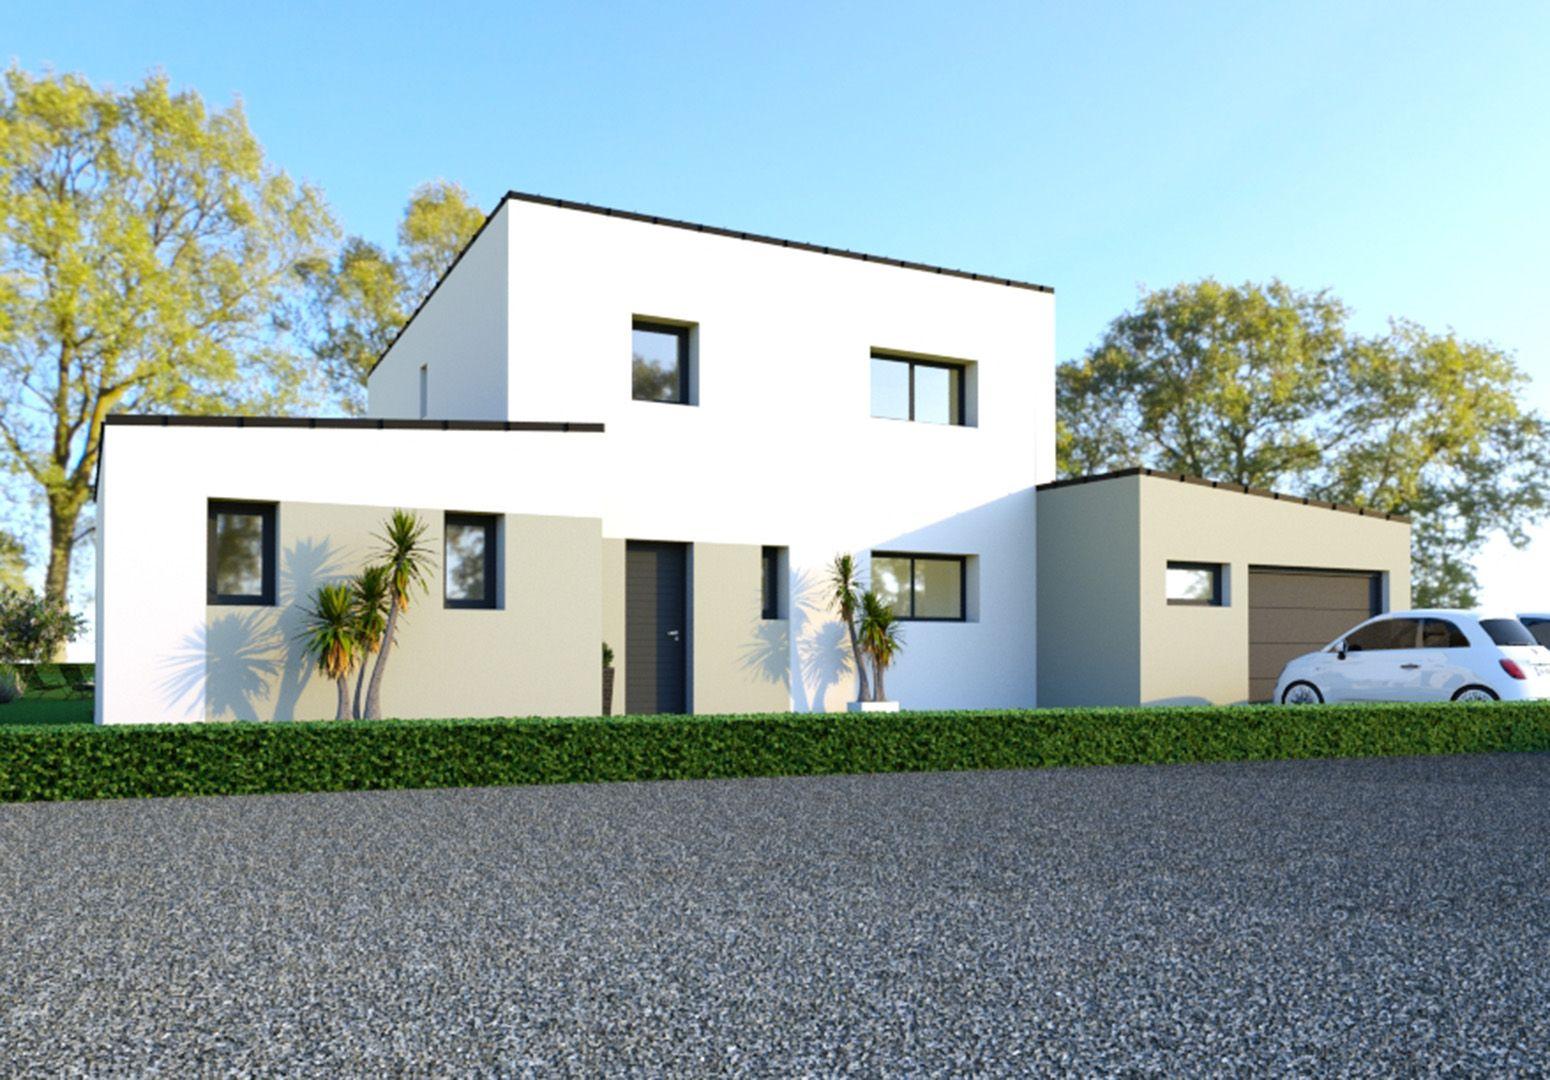 Image du modèle de maison CHEVAIGNÉ 4CH 123